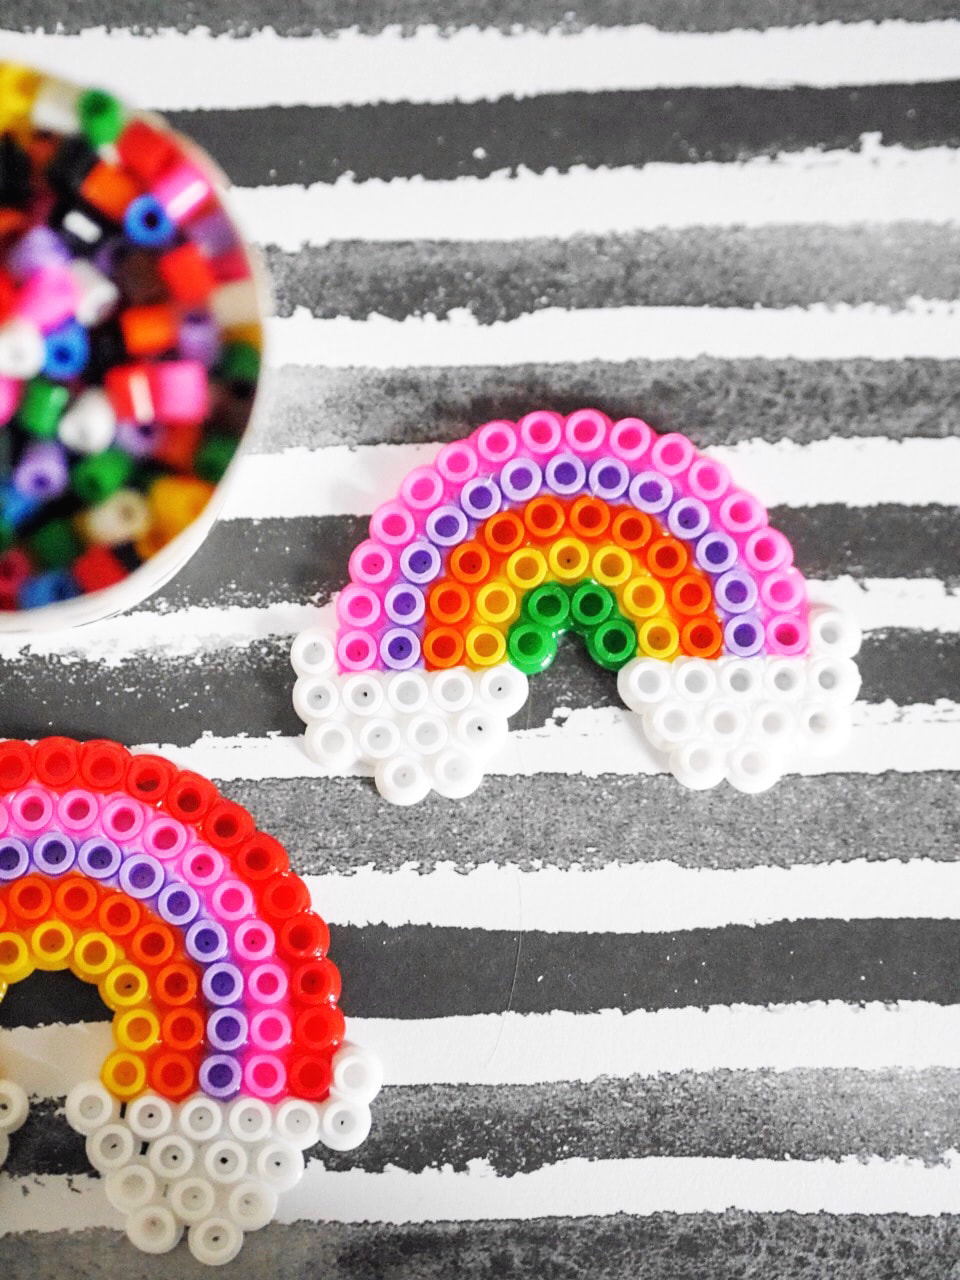 Bugelperlen Ideen Als Vorlage Minimenschlein Mama Blog